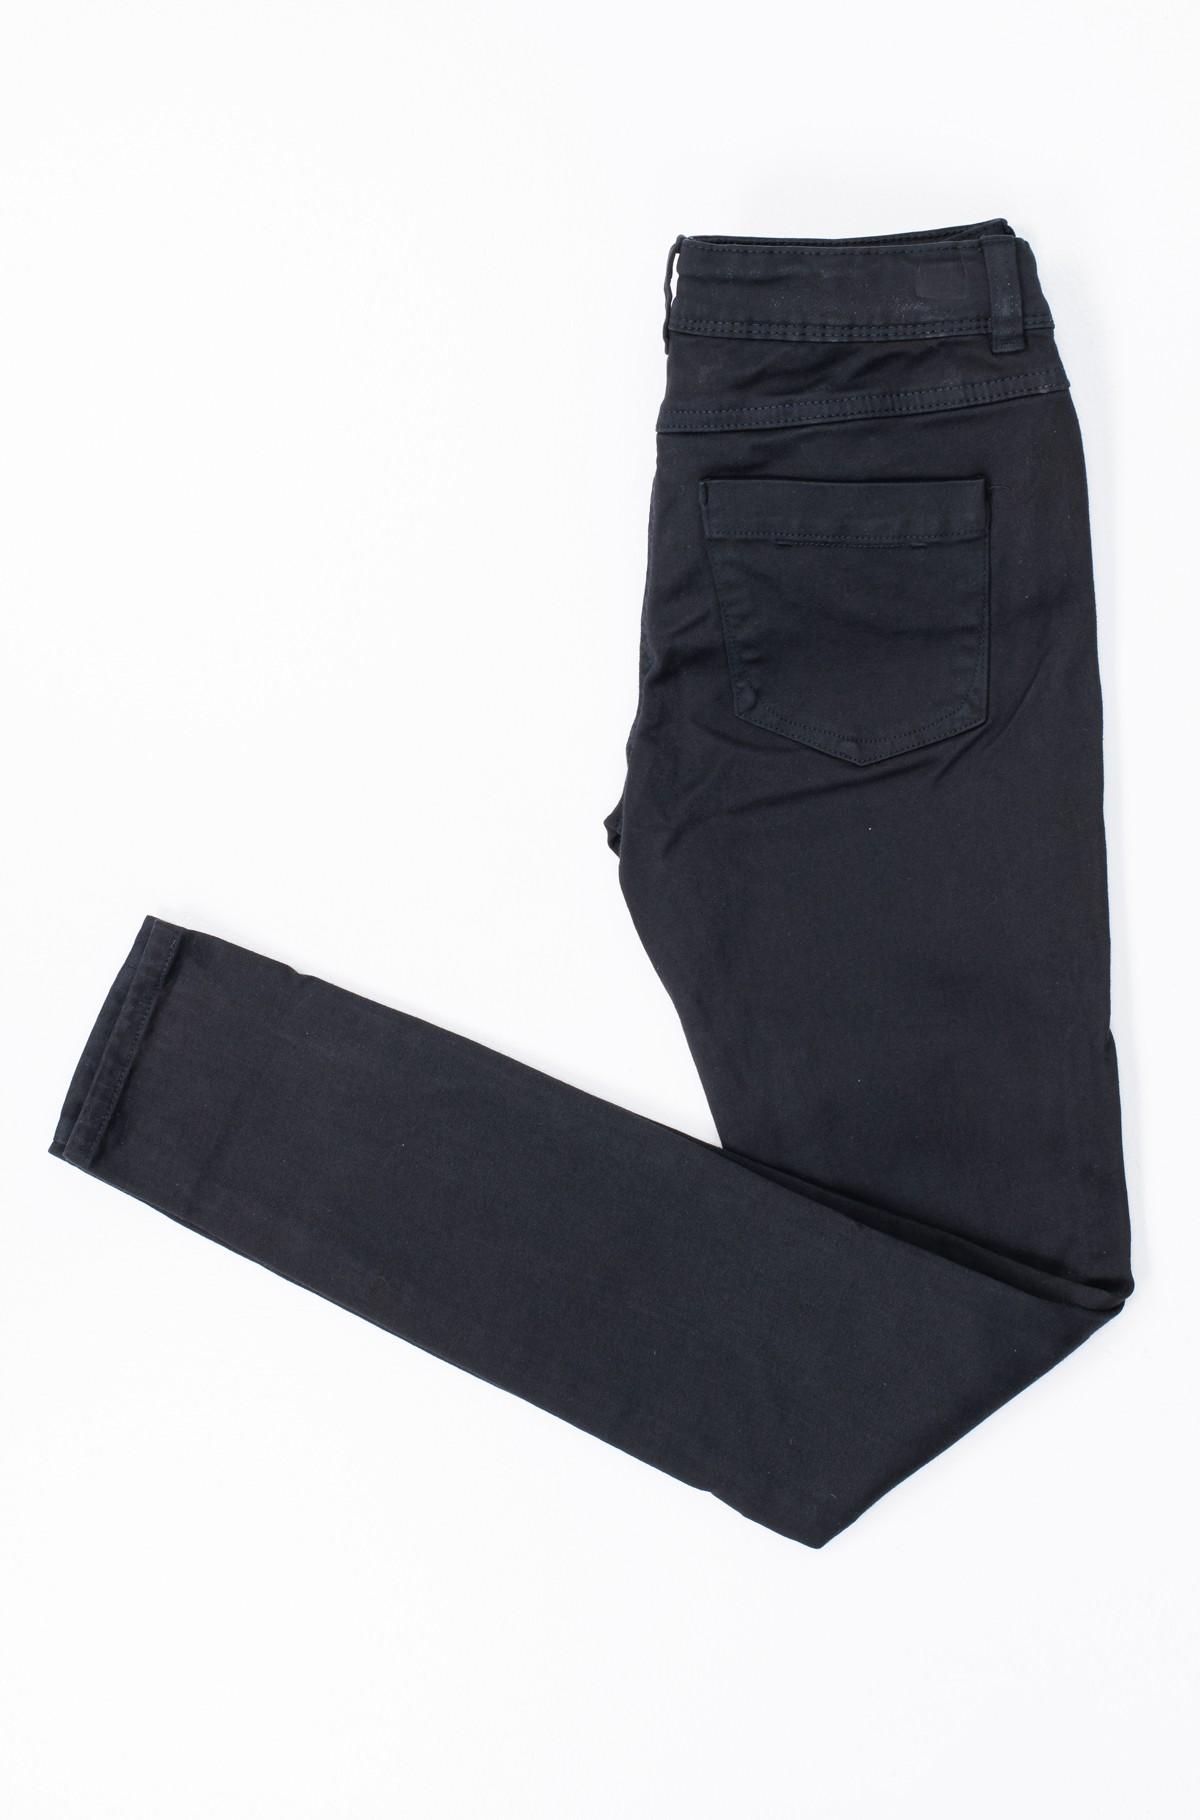 Kids jeans 62062750940-full-2